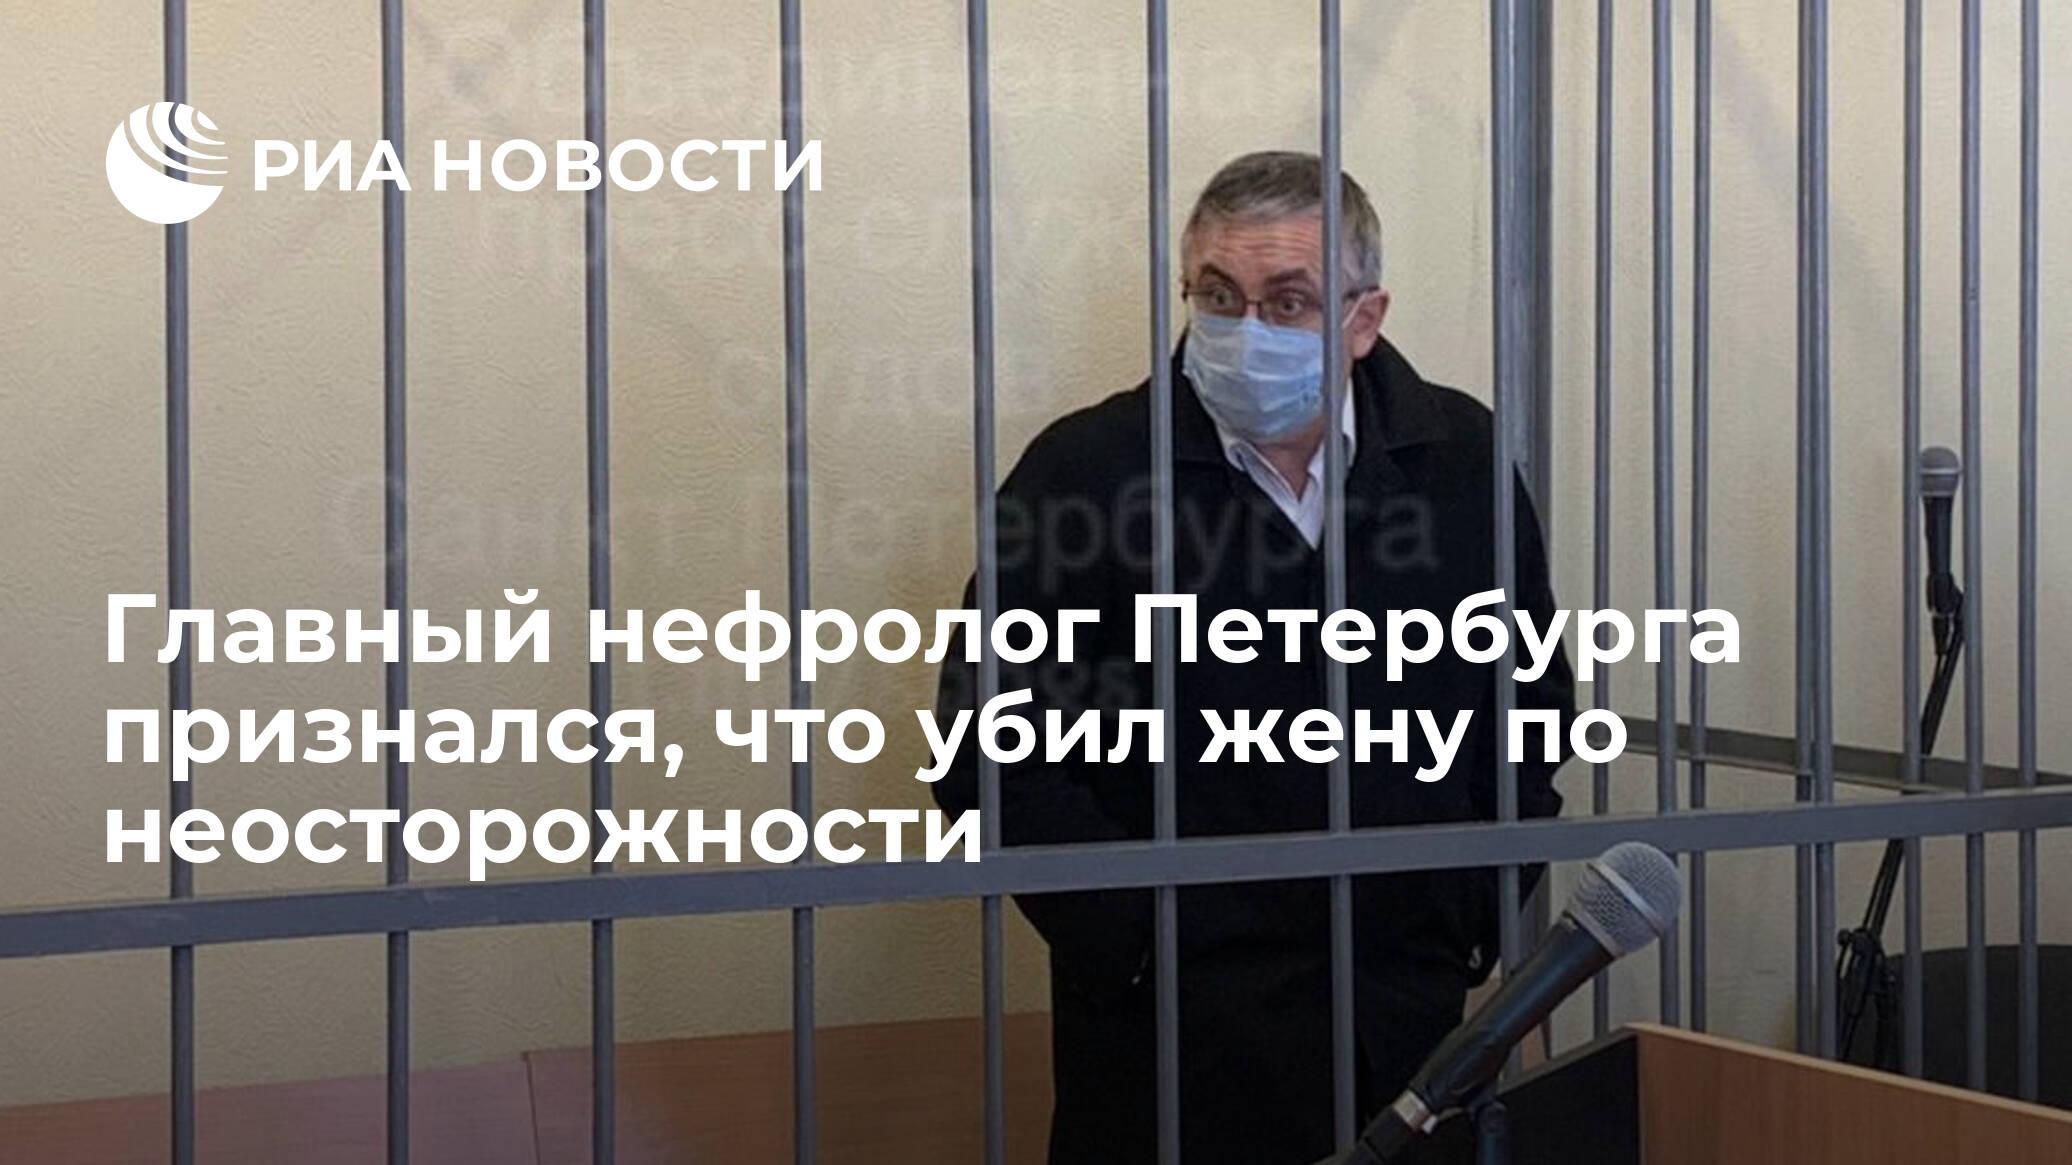 Главный нефролог Петербурга признался, что убил жену по неосторожности